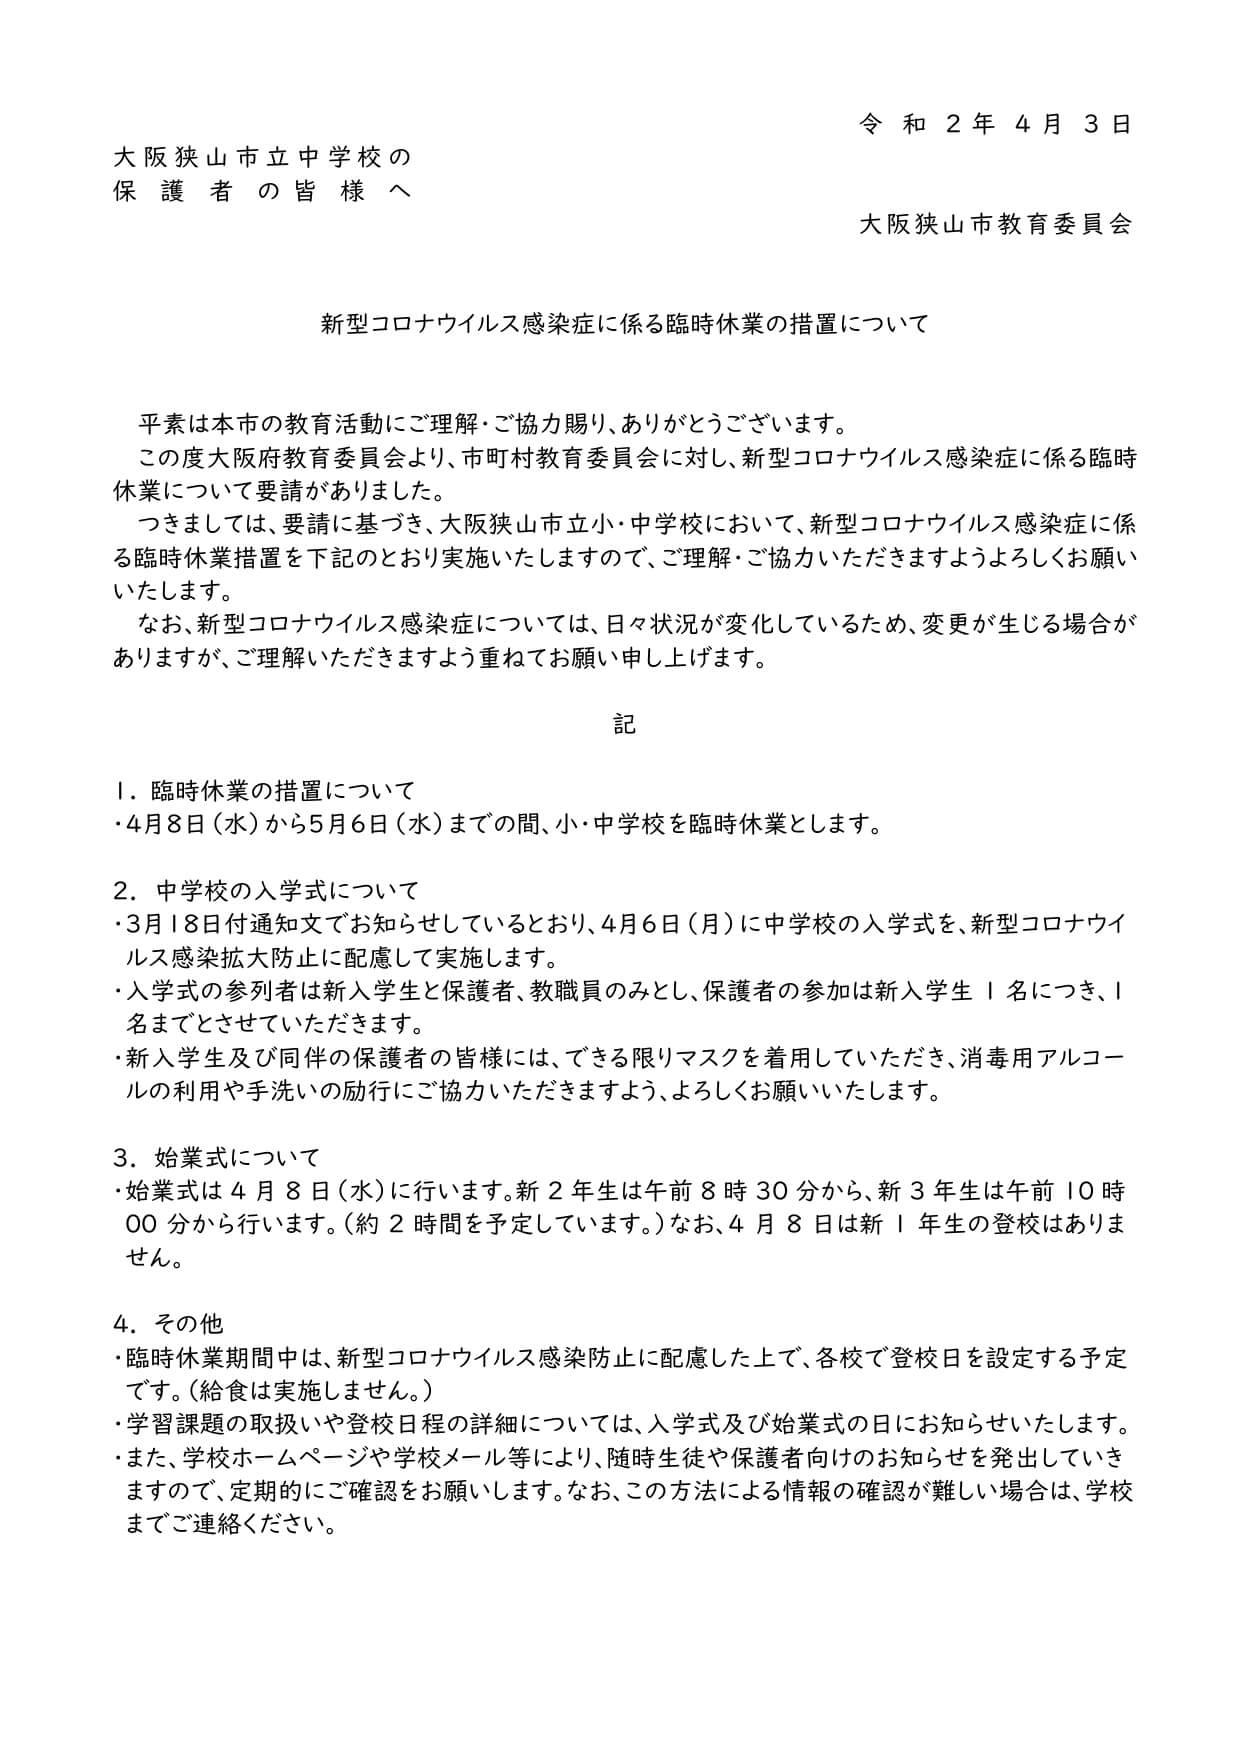 【2020年4月3日付け】新型コロナウイルス感染症による市立中学校の臨時休業について (1)